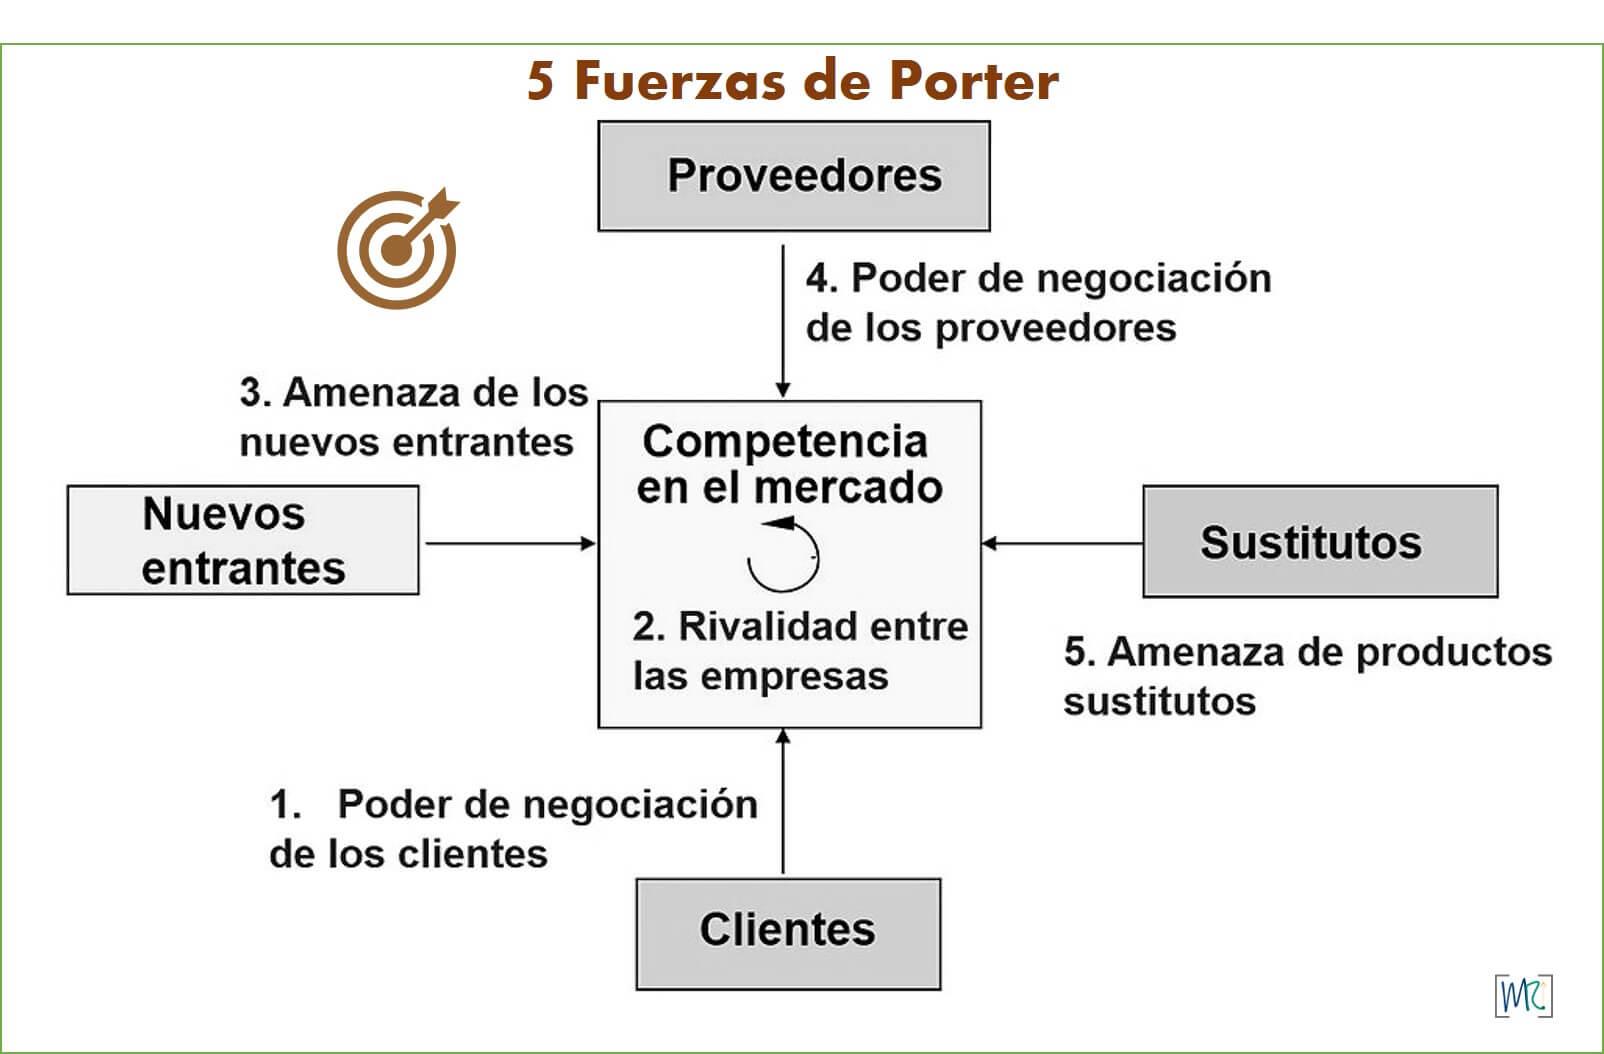 plan-estrategico-de-una-empresa-5-fuerzas-de-porter